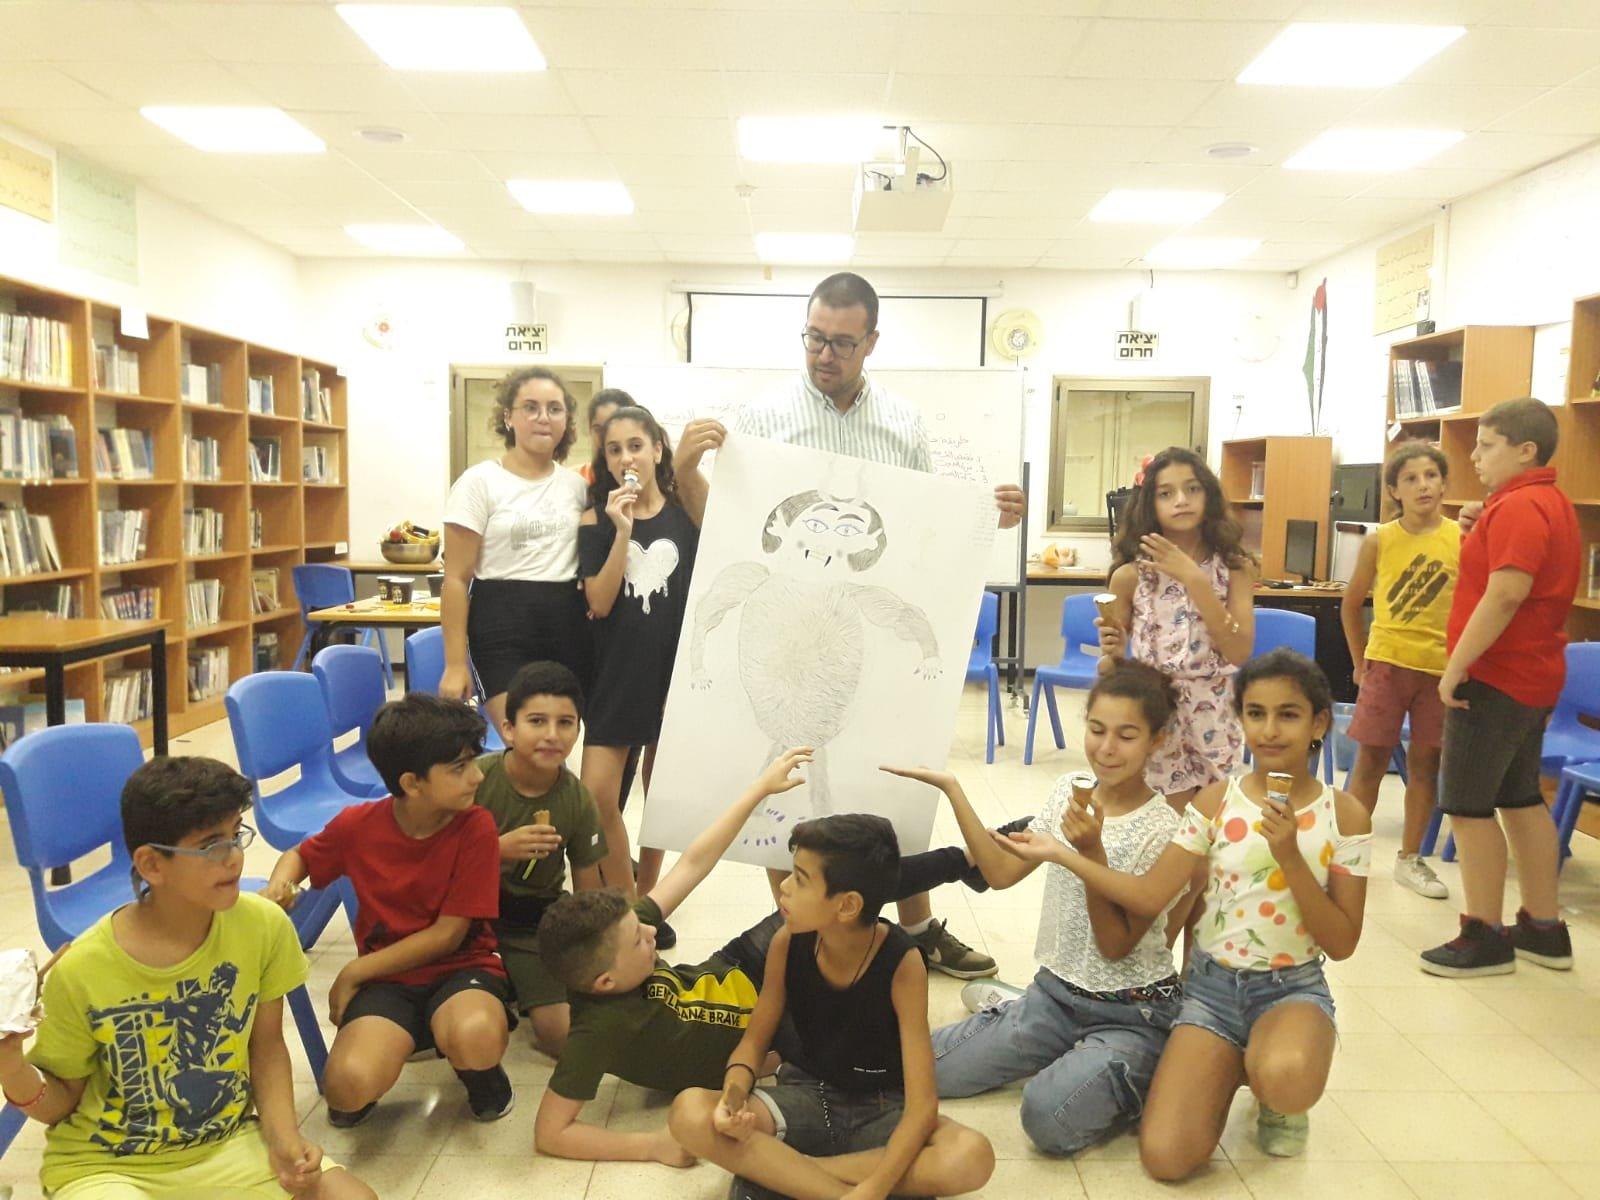 جمعية الثقافة ومدرسة مسار تختتمان مخيم المخلوقات الخرافية للأطفال